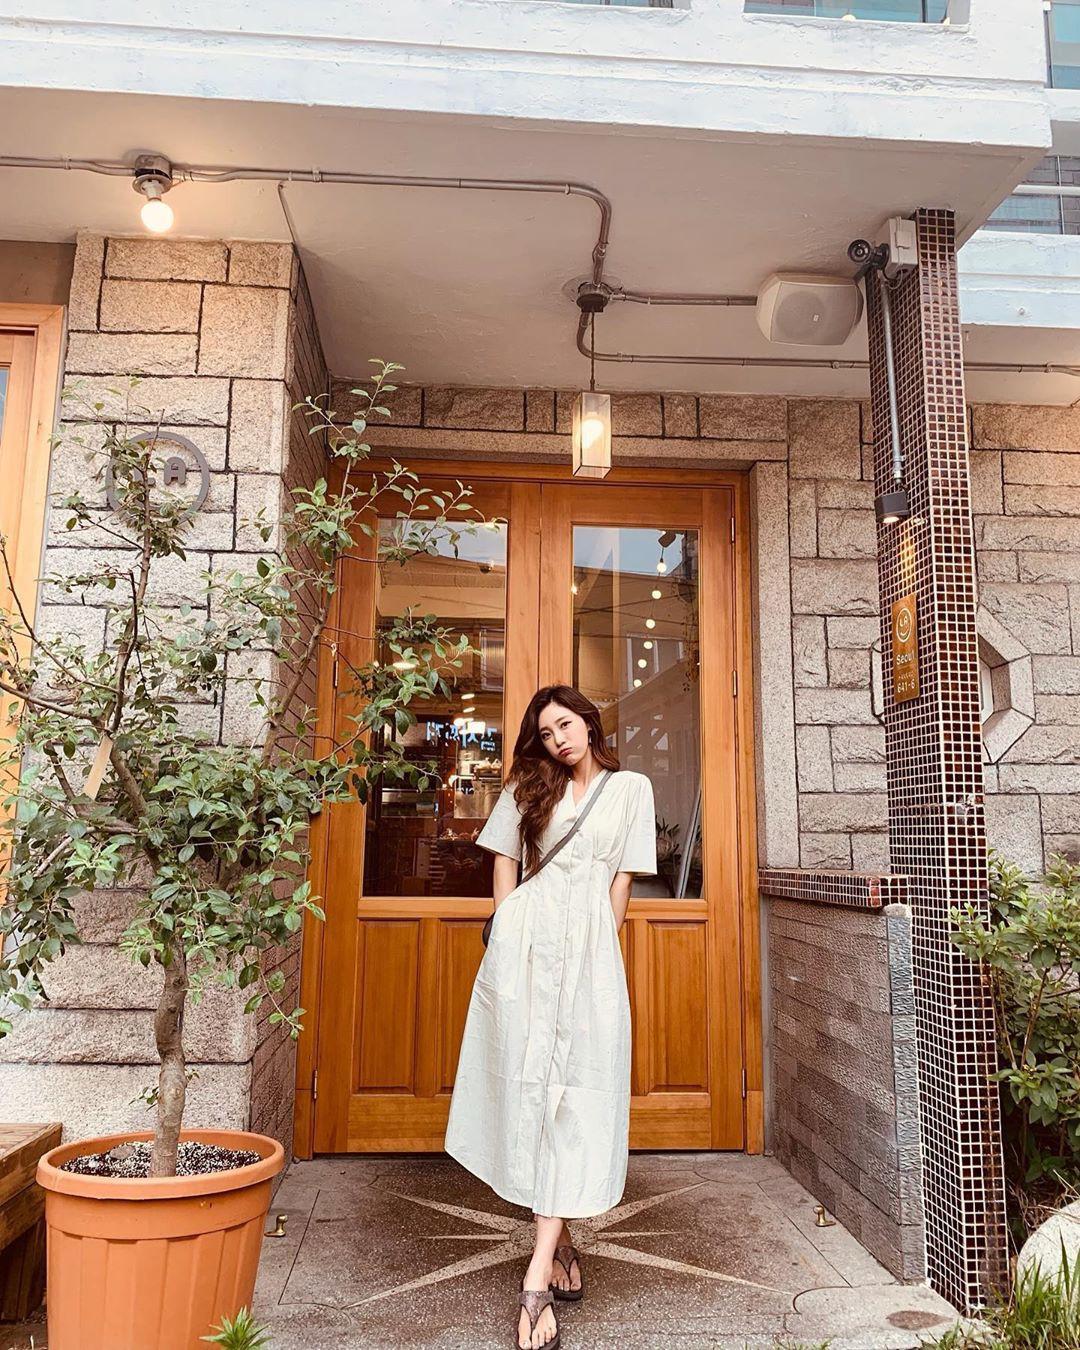 Street style Châu Á: Toàn tập là màu trắng, bộ nào bộ nấy đều đẹp và dễ mặc - Ảnh 4.